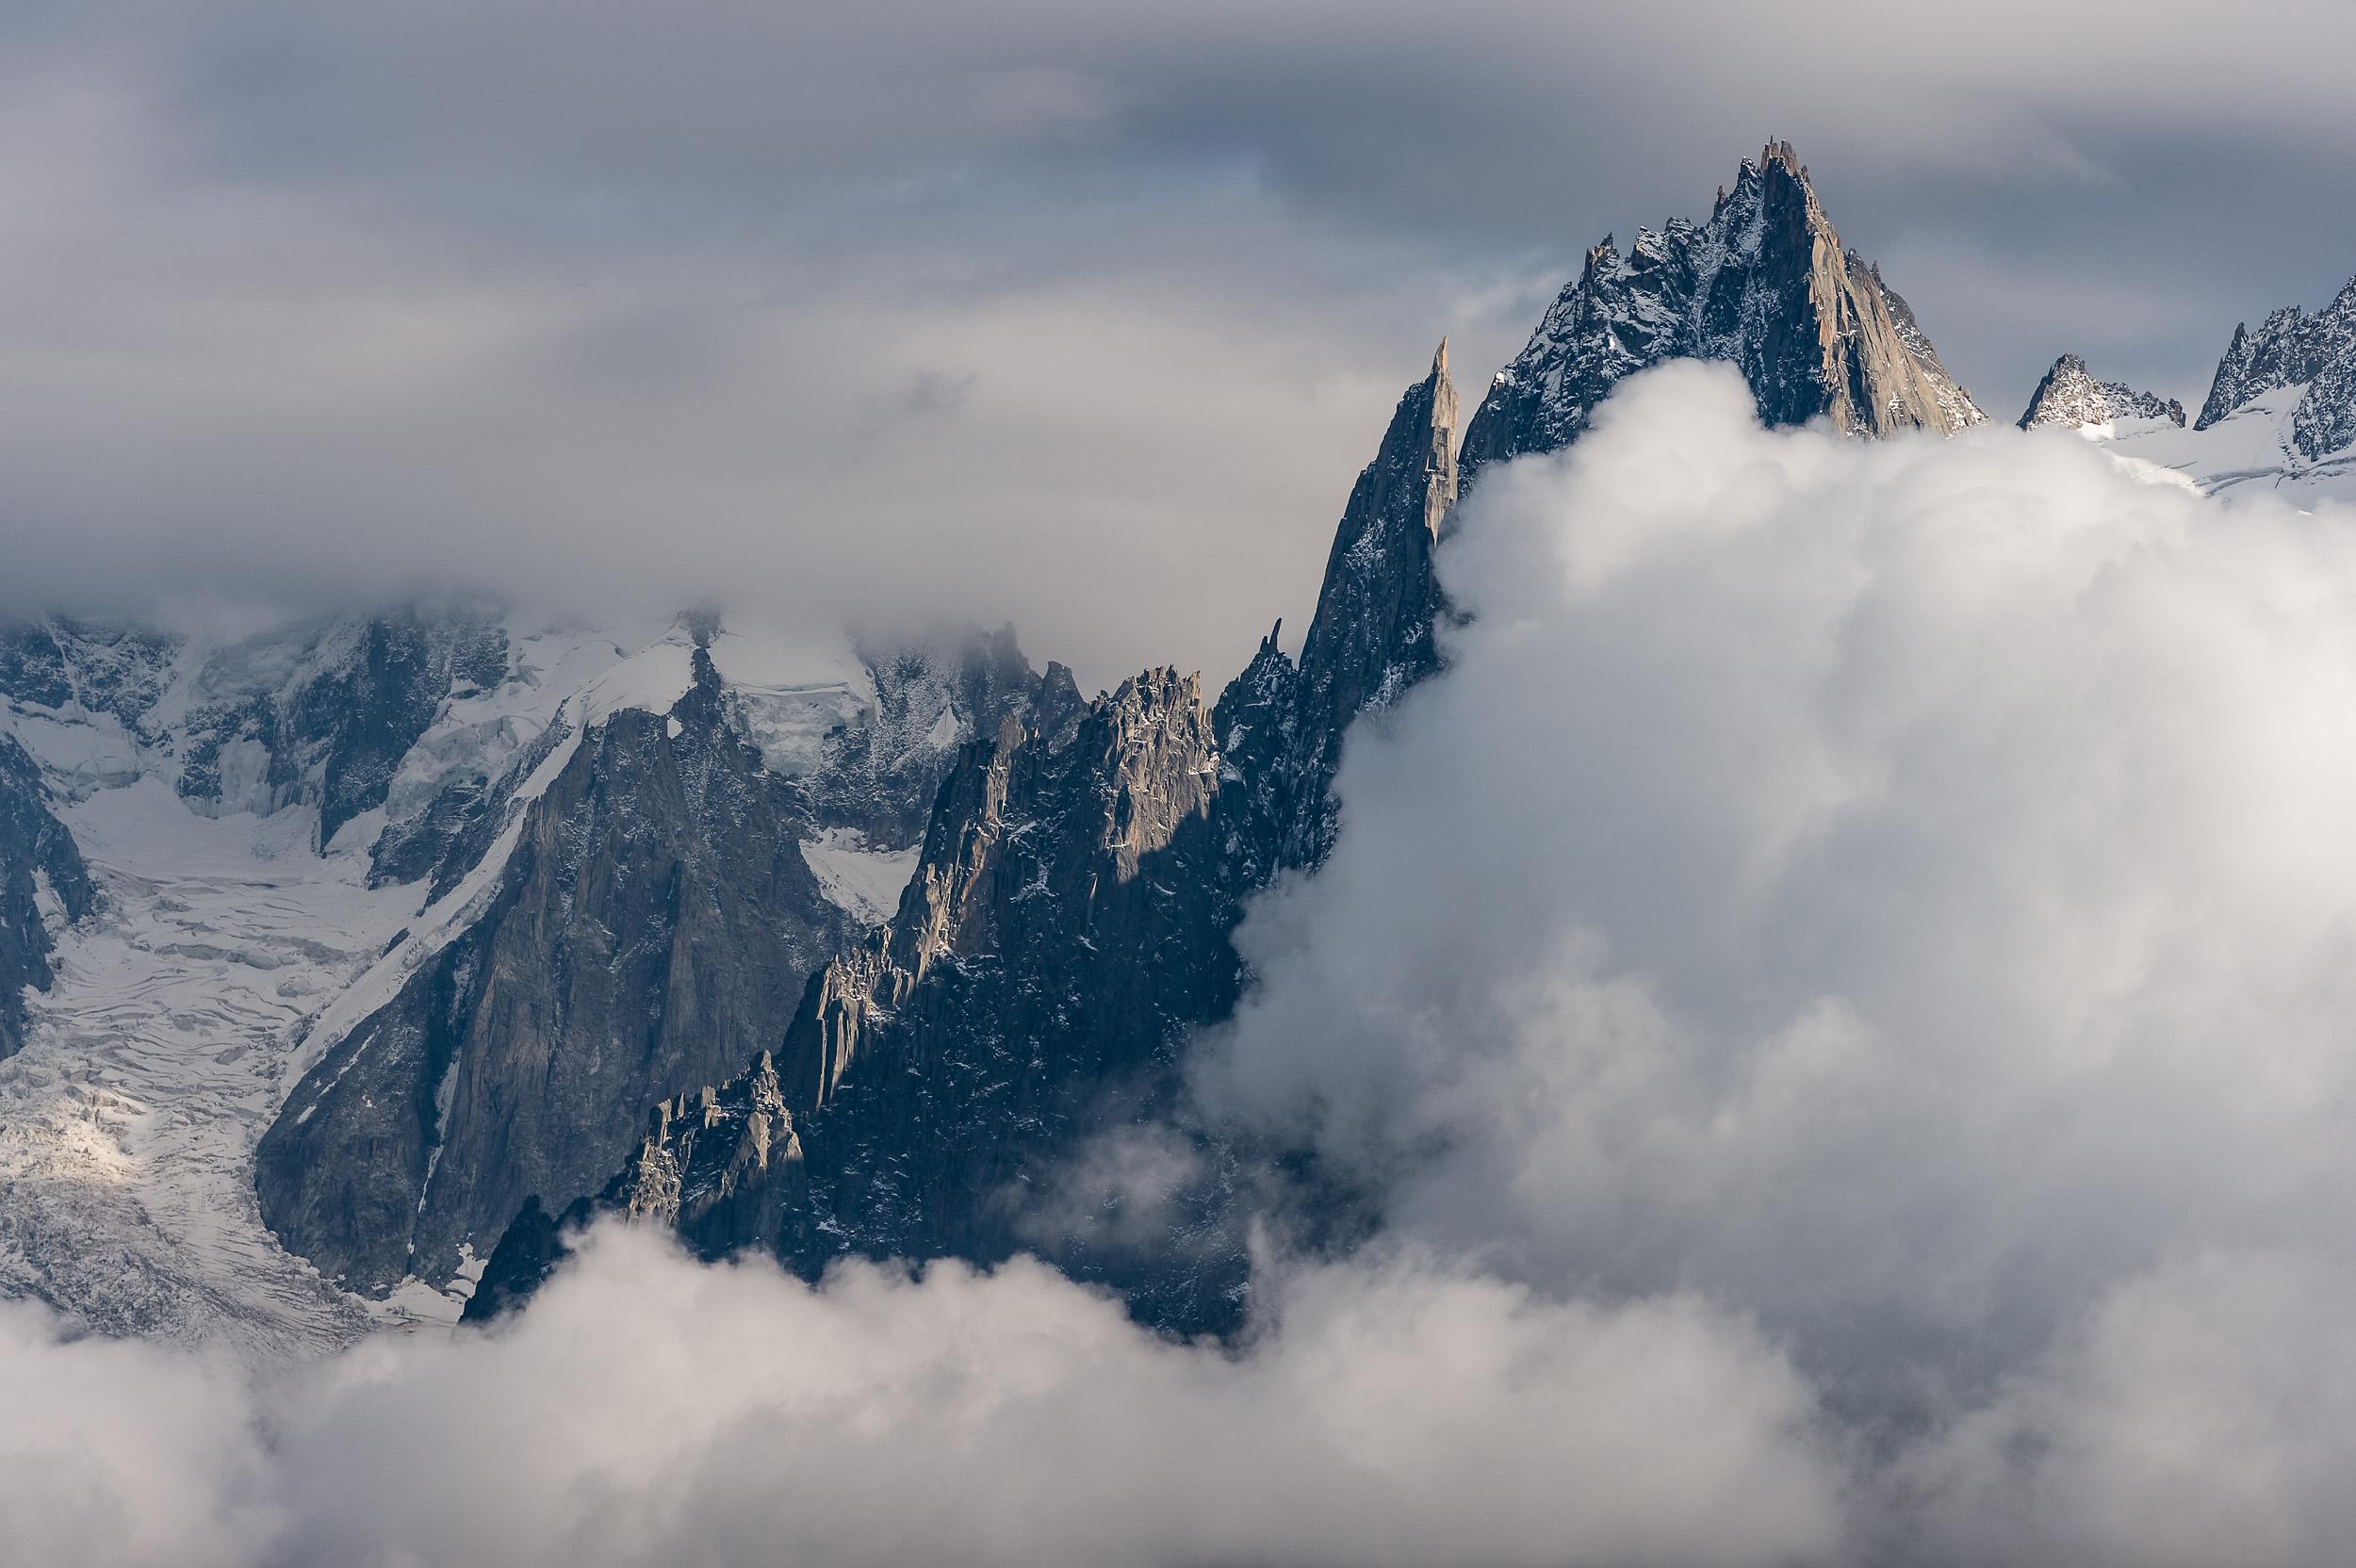 Afternoon clouds approaching the summits of Aiguille de la République and Aiguille des Grands Charmoz above Chamonix, France